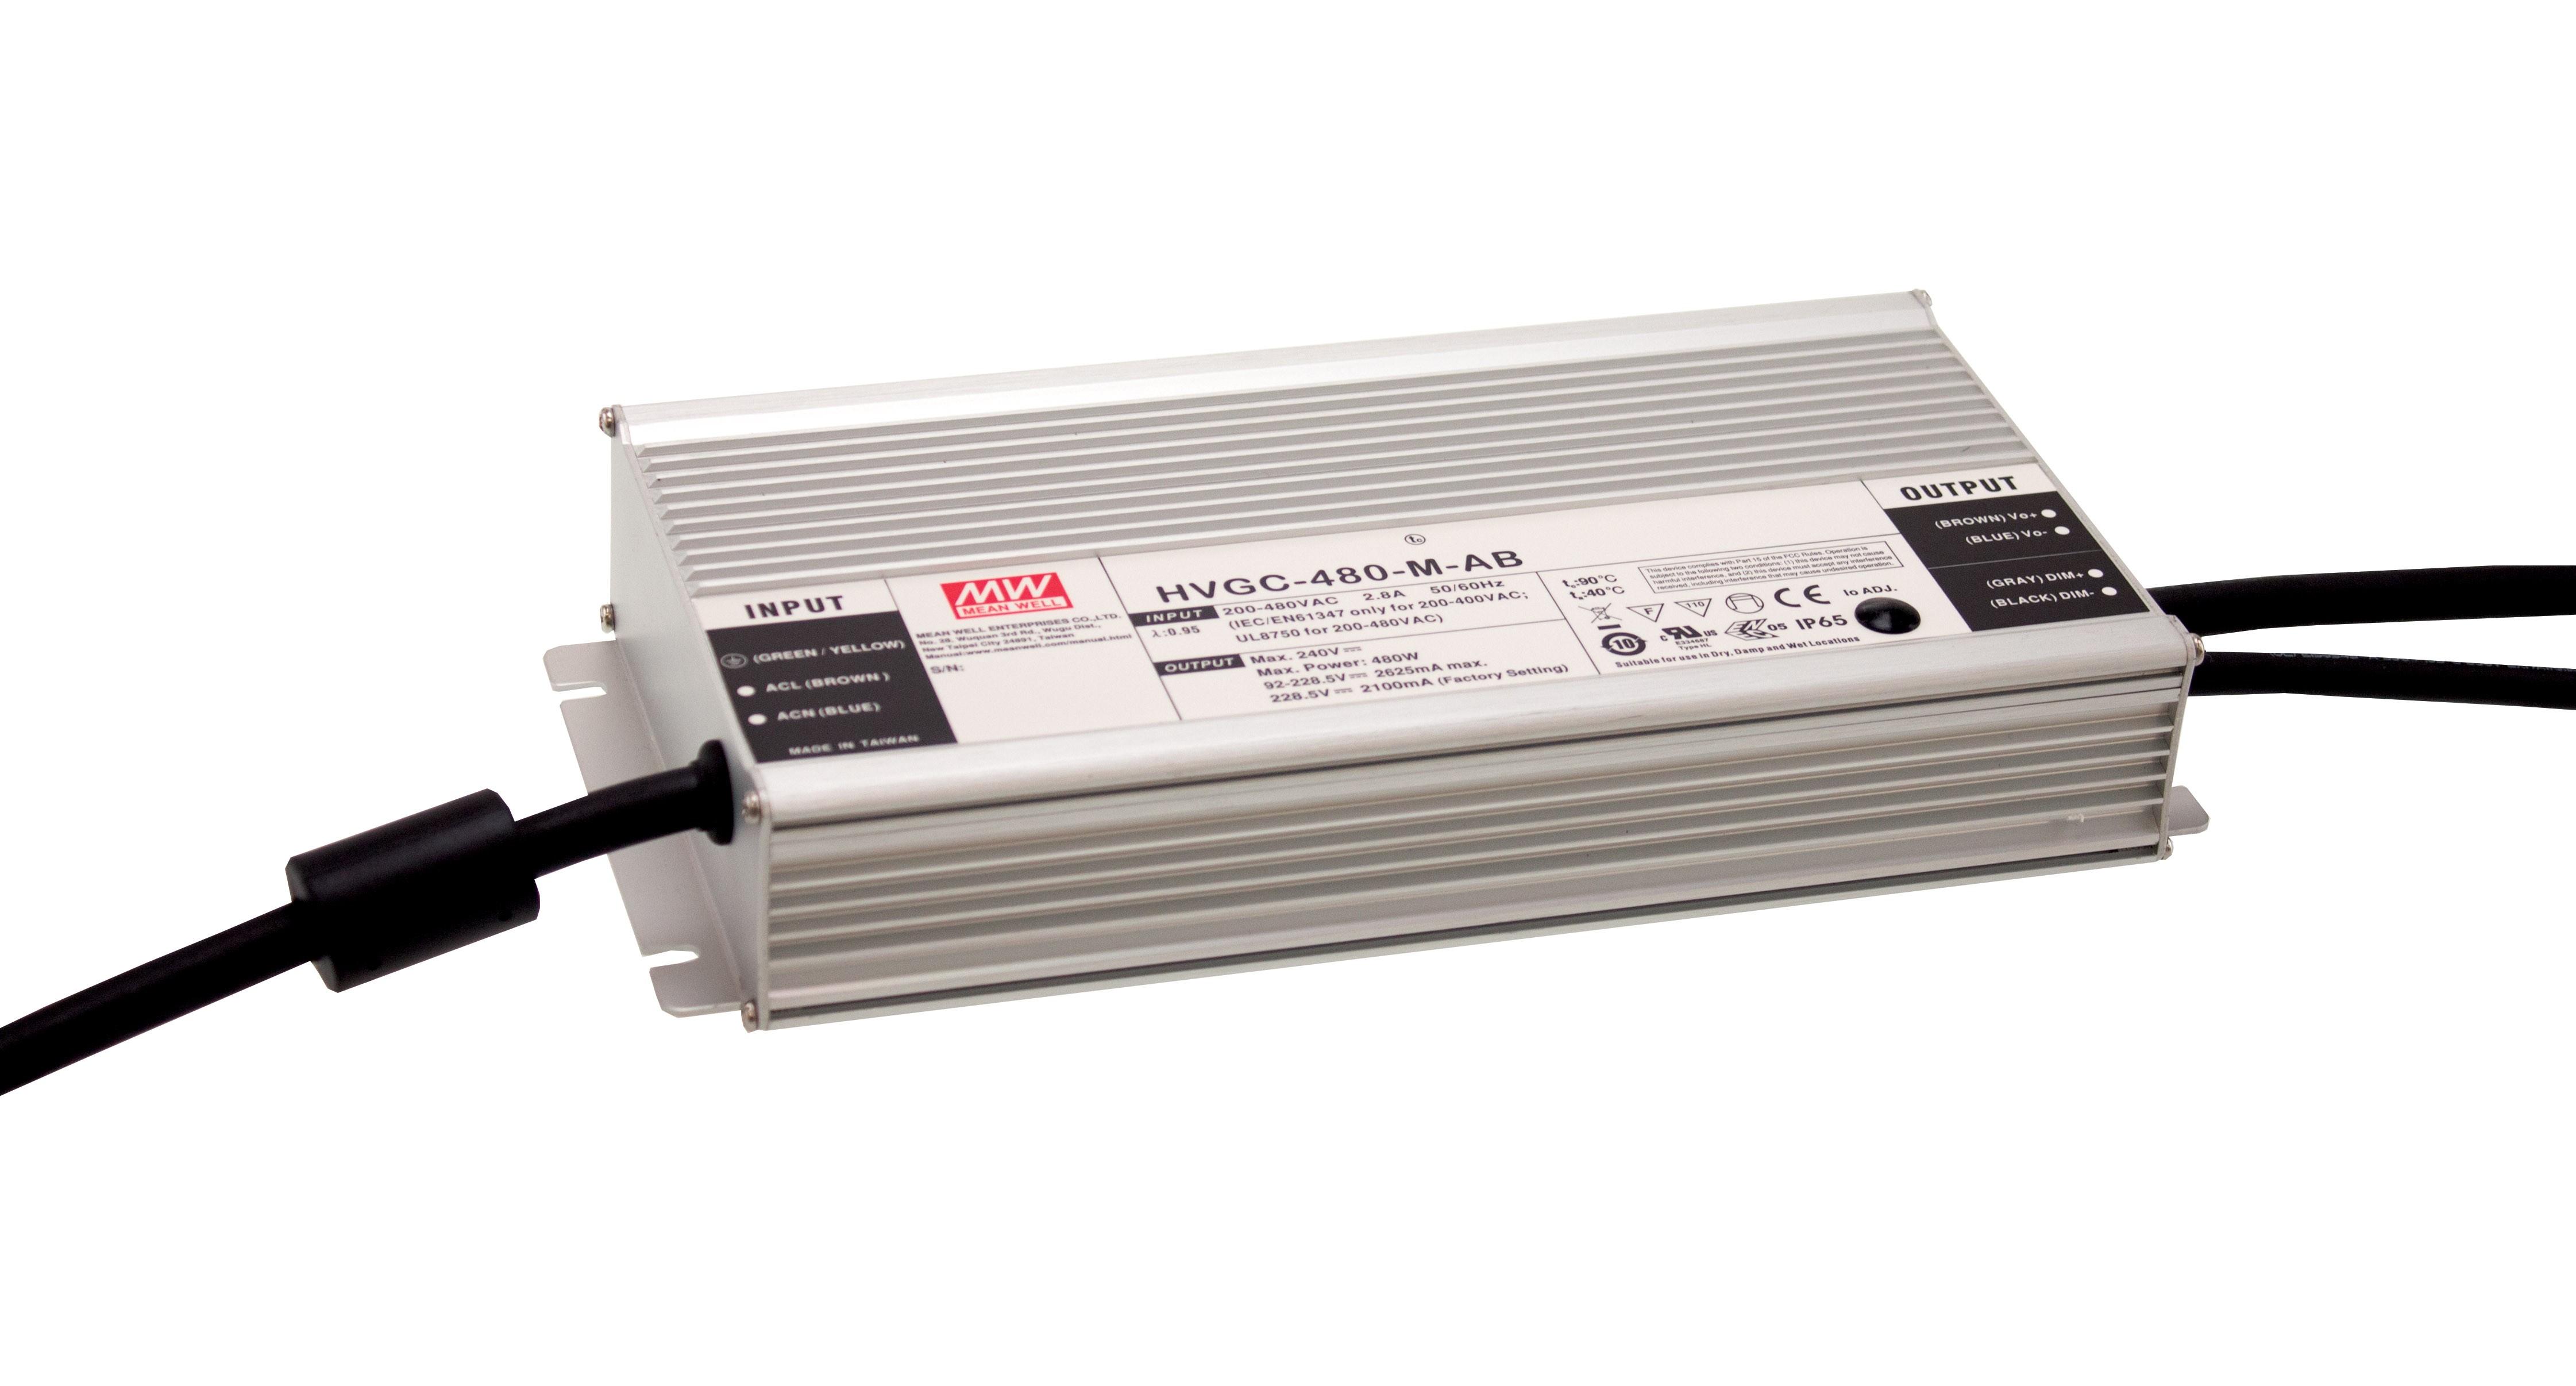 寬電壓輸入之可調式恆功率LED驅動器 / 明緯企業股份有限公司